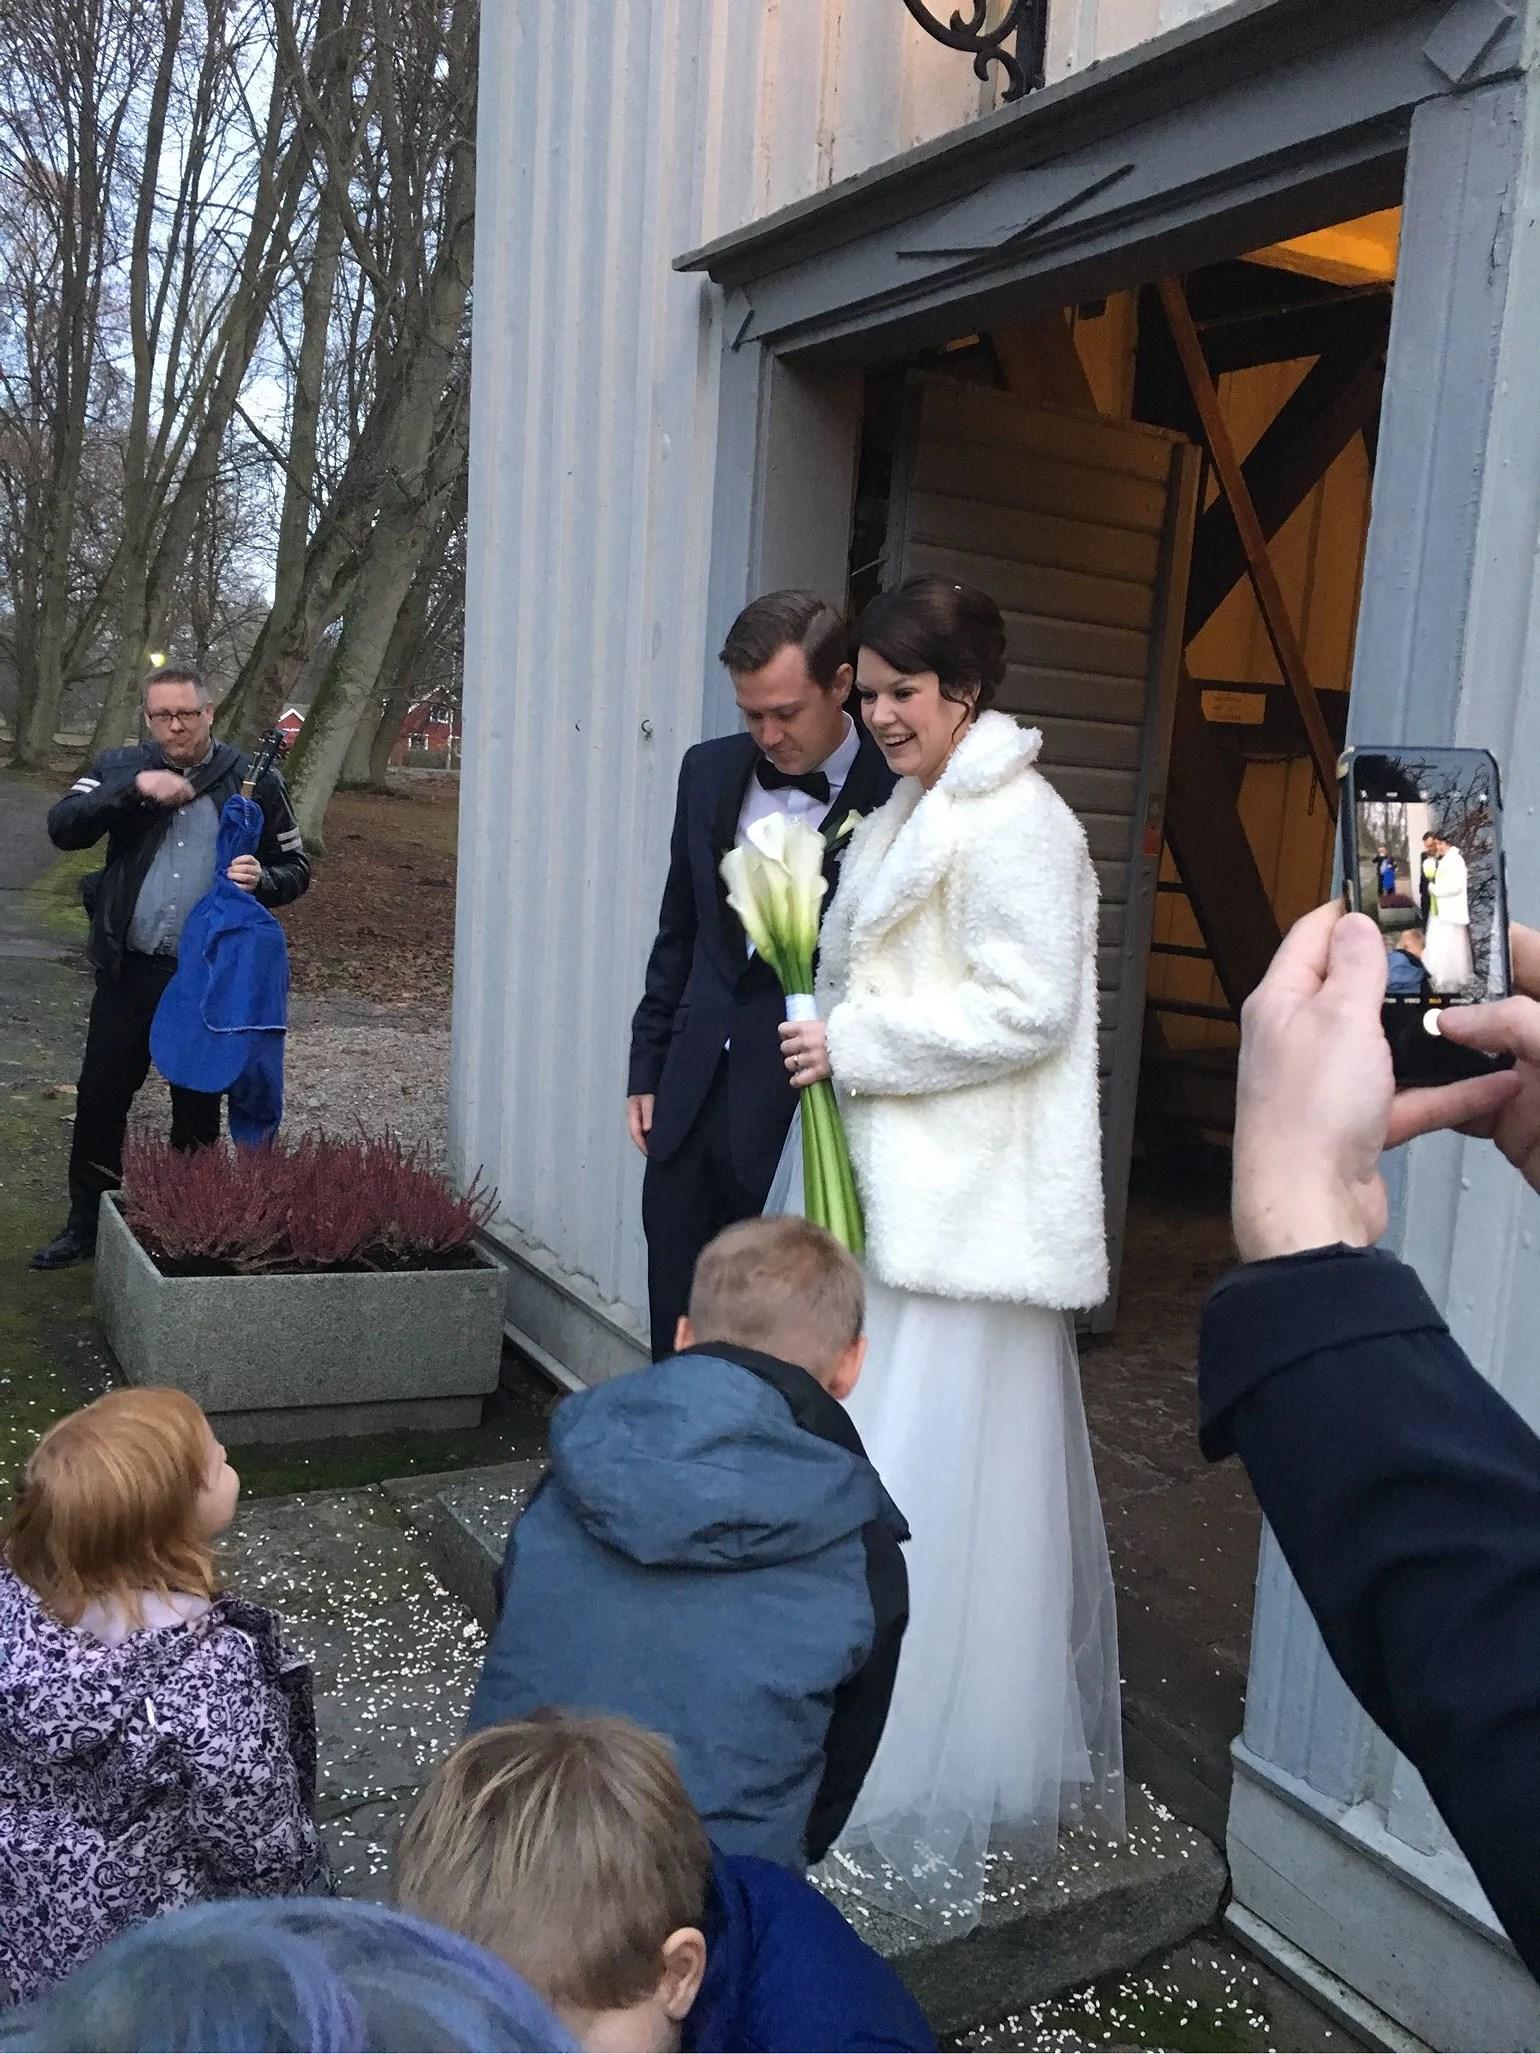 Bröllopet. ✨🥂